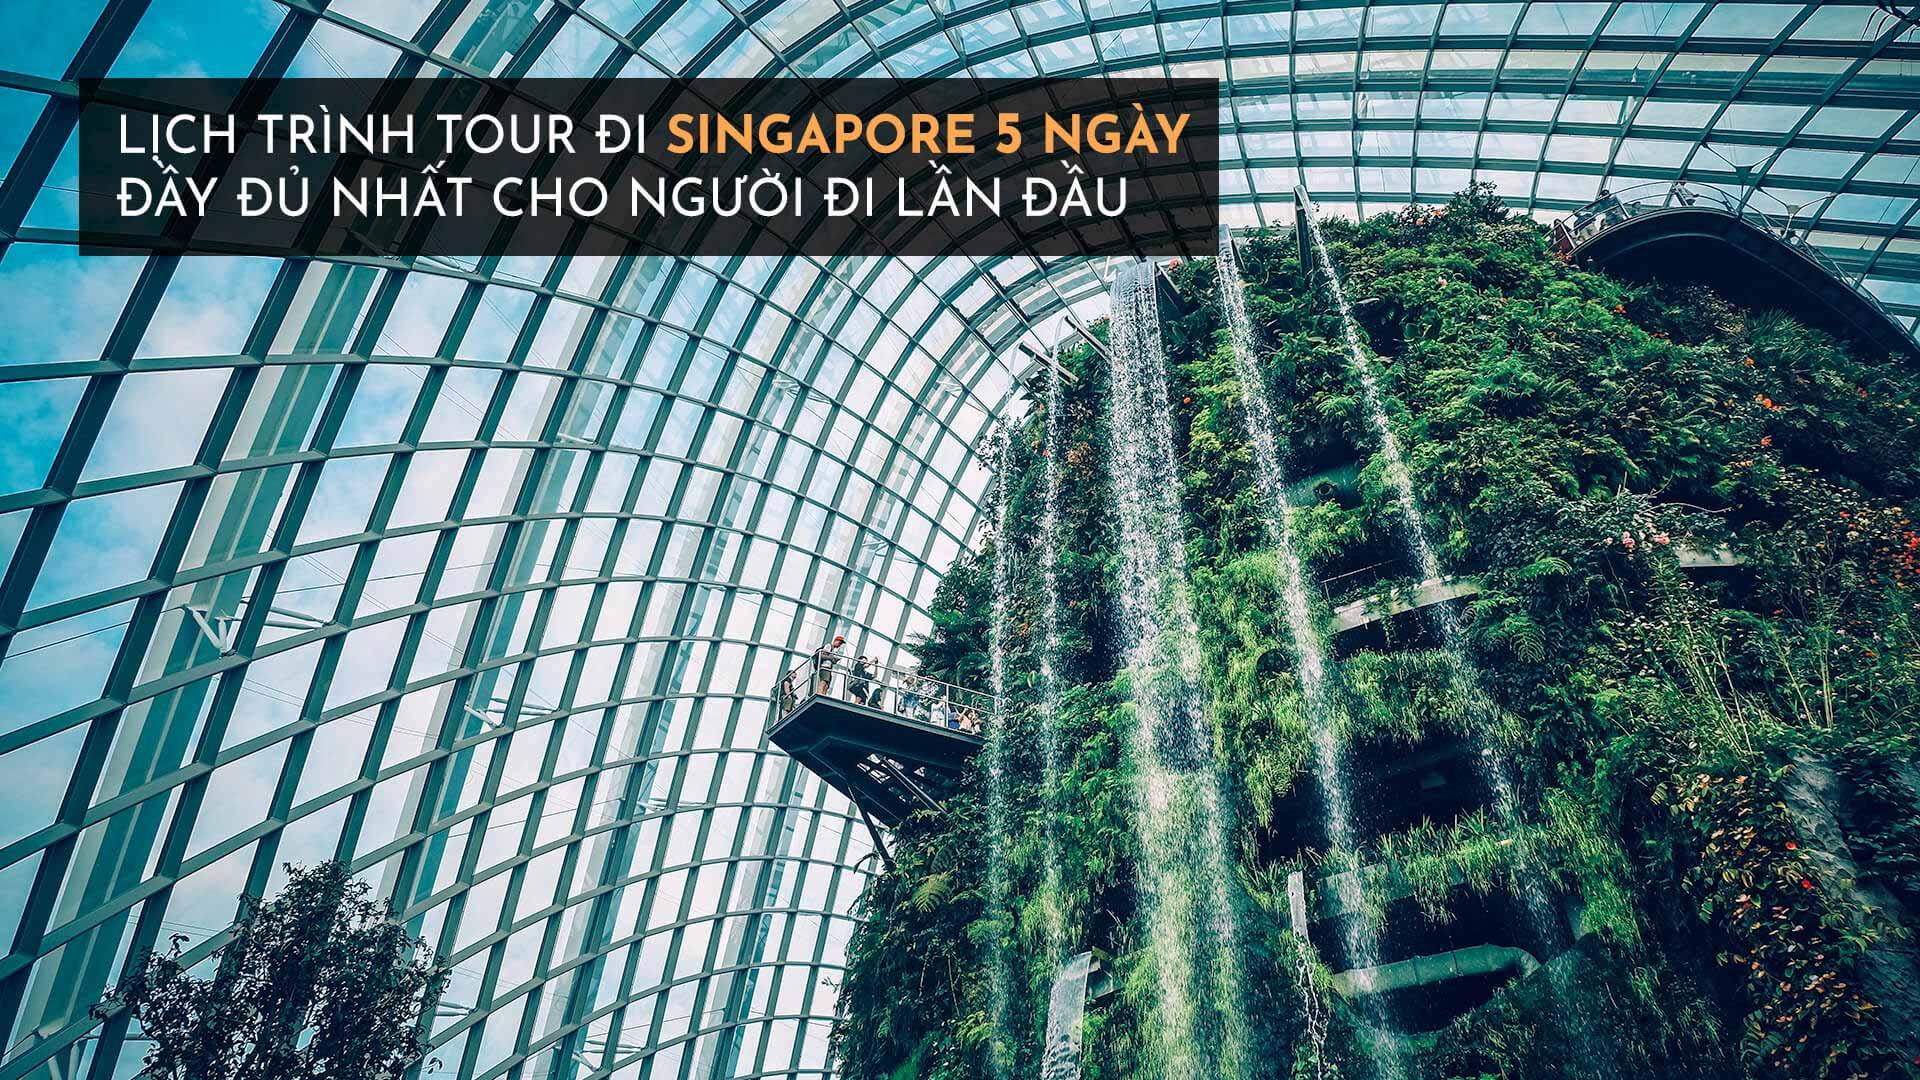 Tour đi singapore 5 ngày 4 đêm UPDATE 2020 chỉ 8.990.000Đ